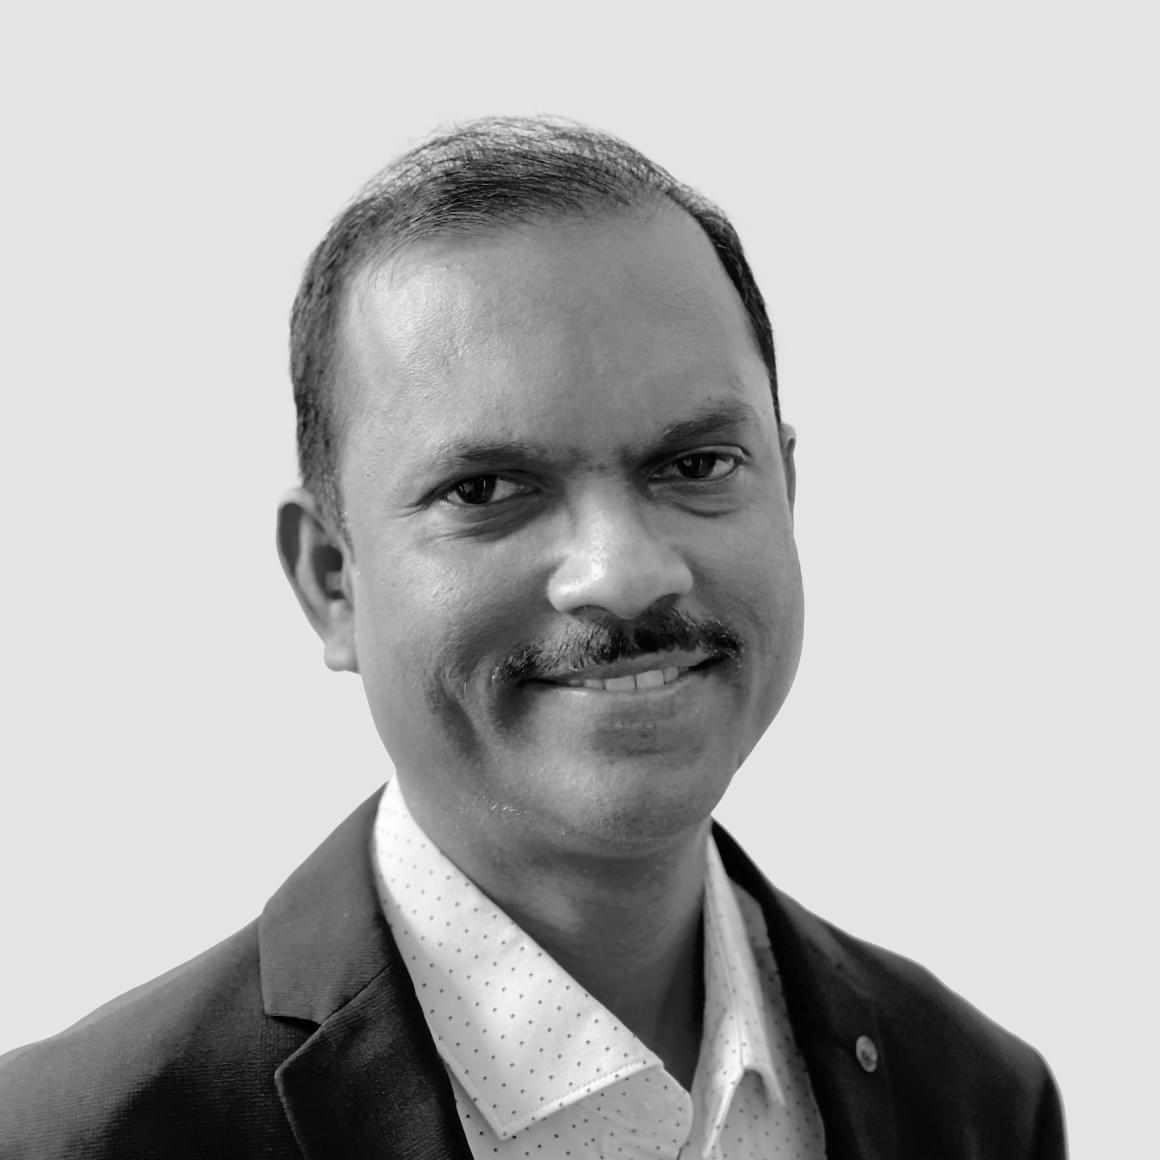 Ganesh Murugesan